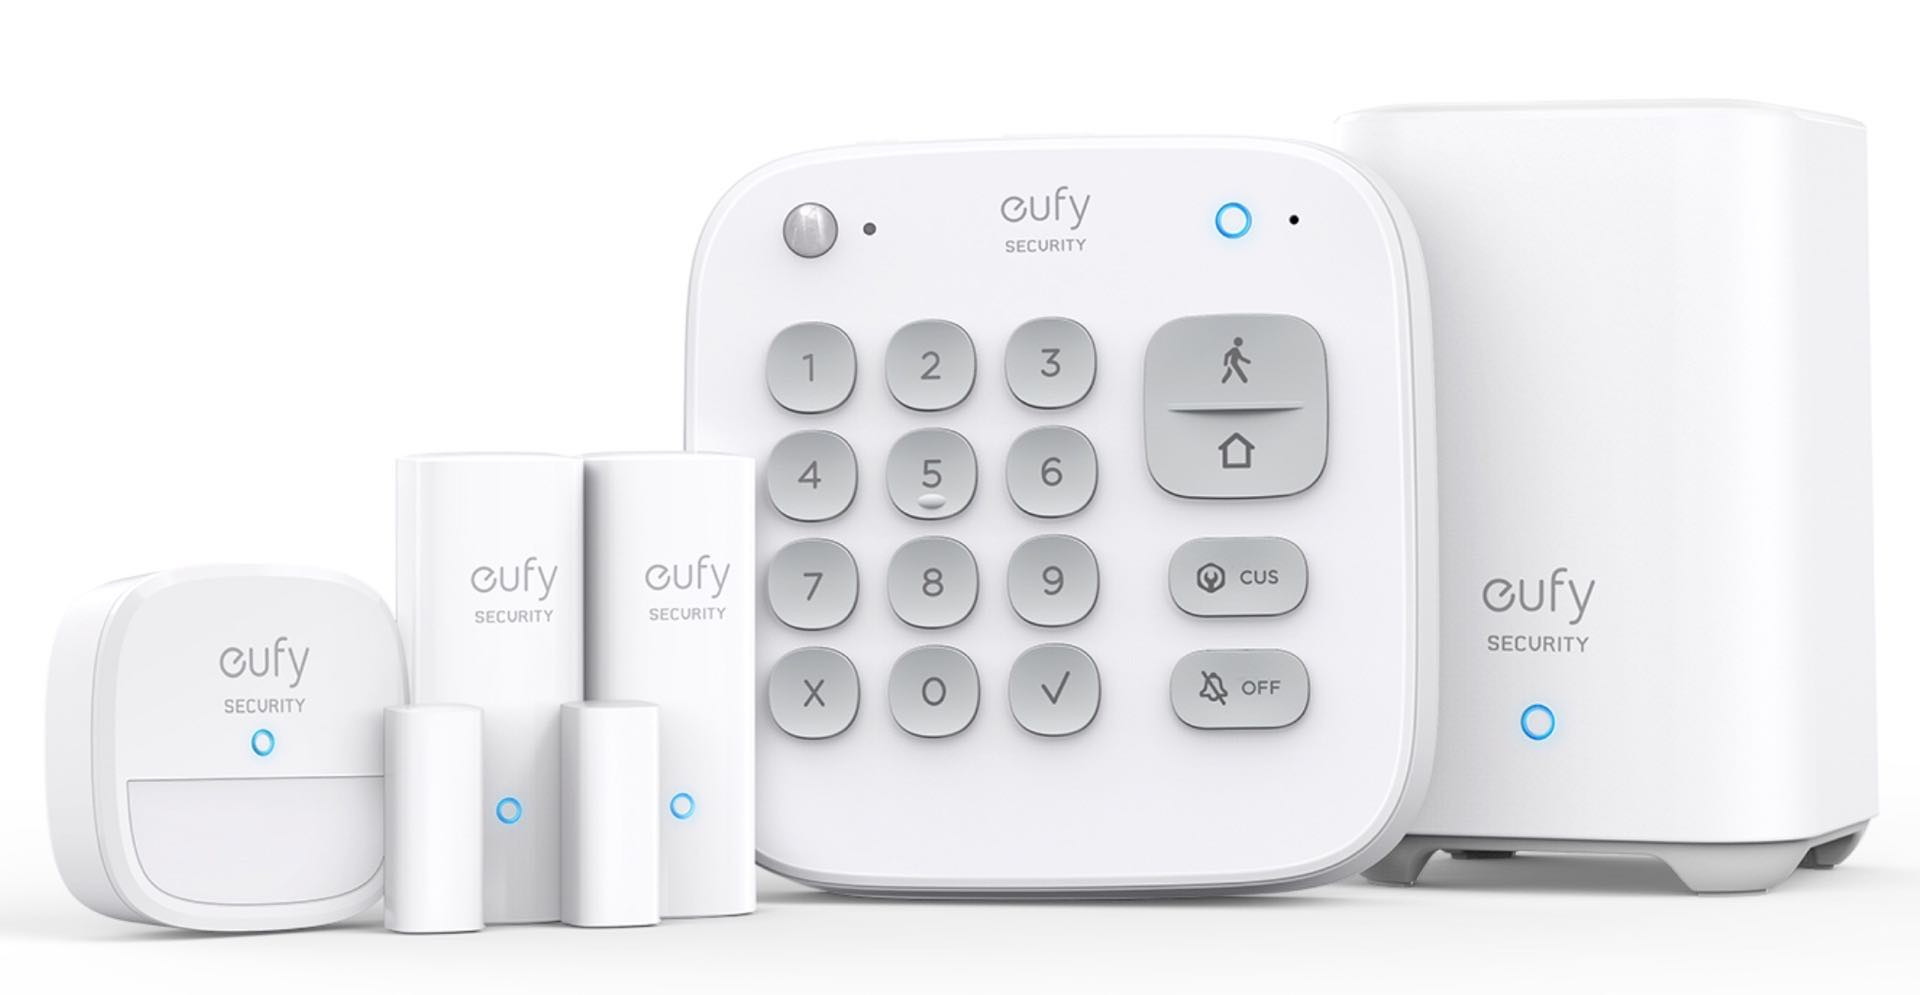 Anker/eufy home alarm kit. ($160)